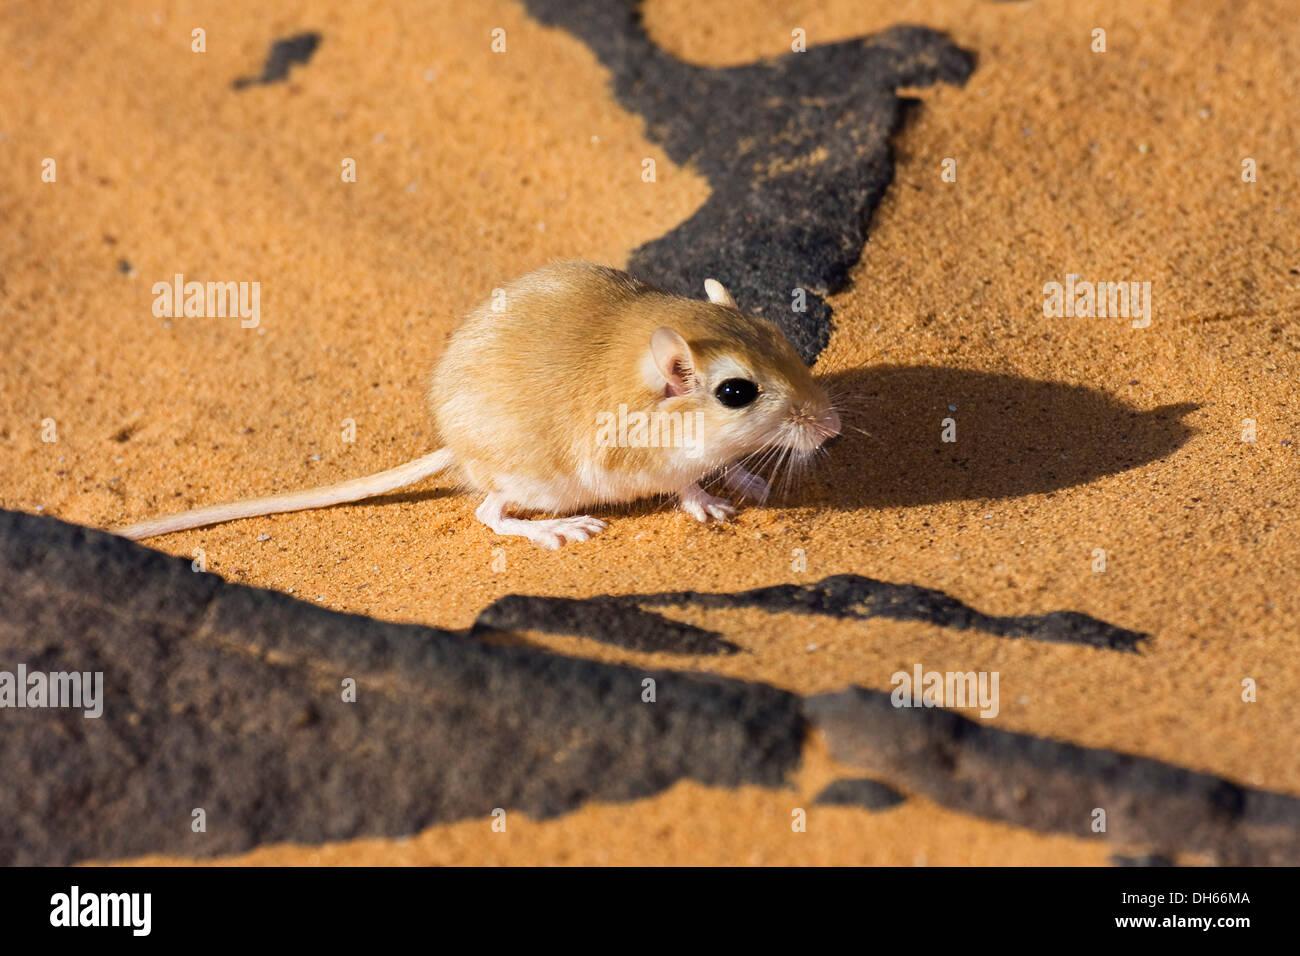 Wüstenrennmaus (Meriones SP.), Libyen, Sahara, Nordafrika, Afrika Stockbild